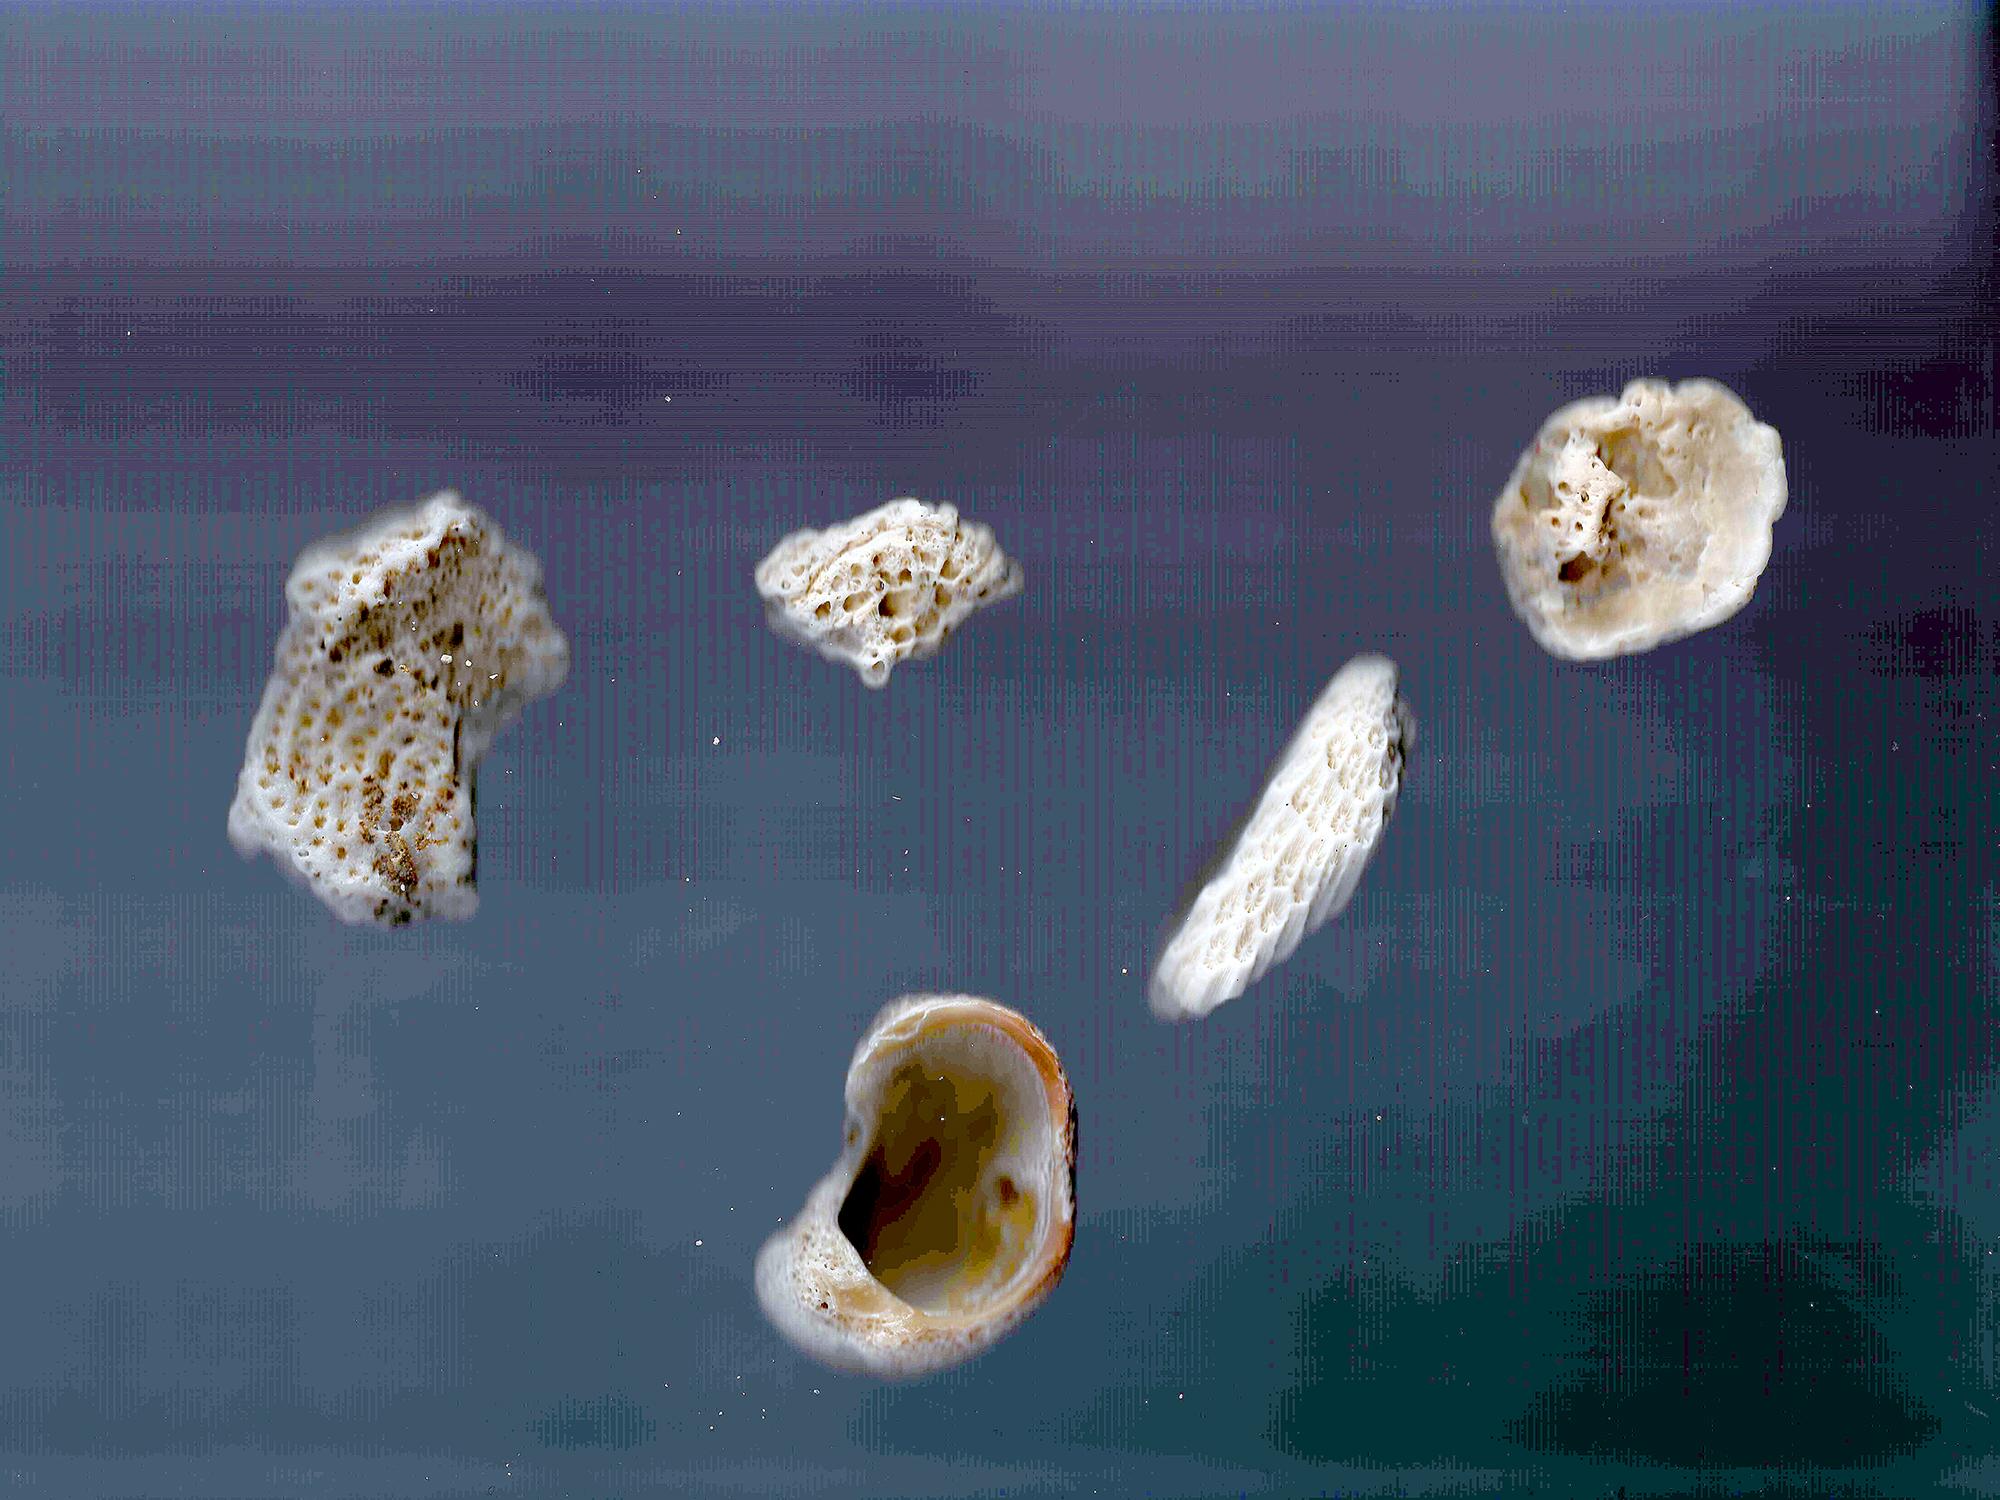 coral, athropocene, death, earth, dystopia, ocean